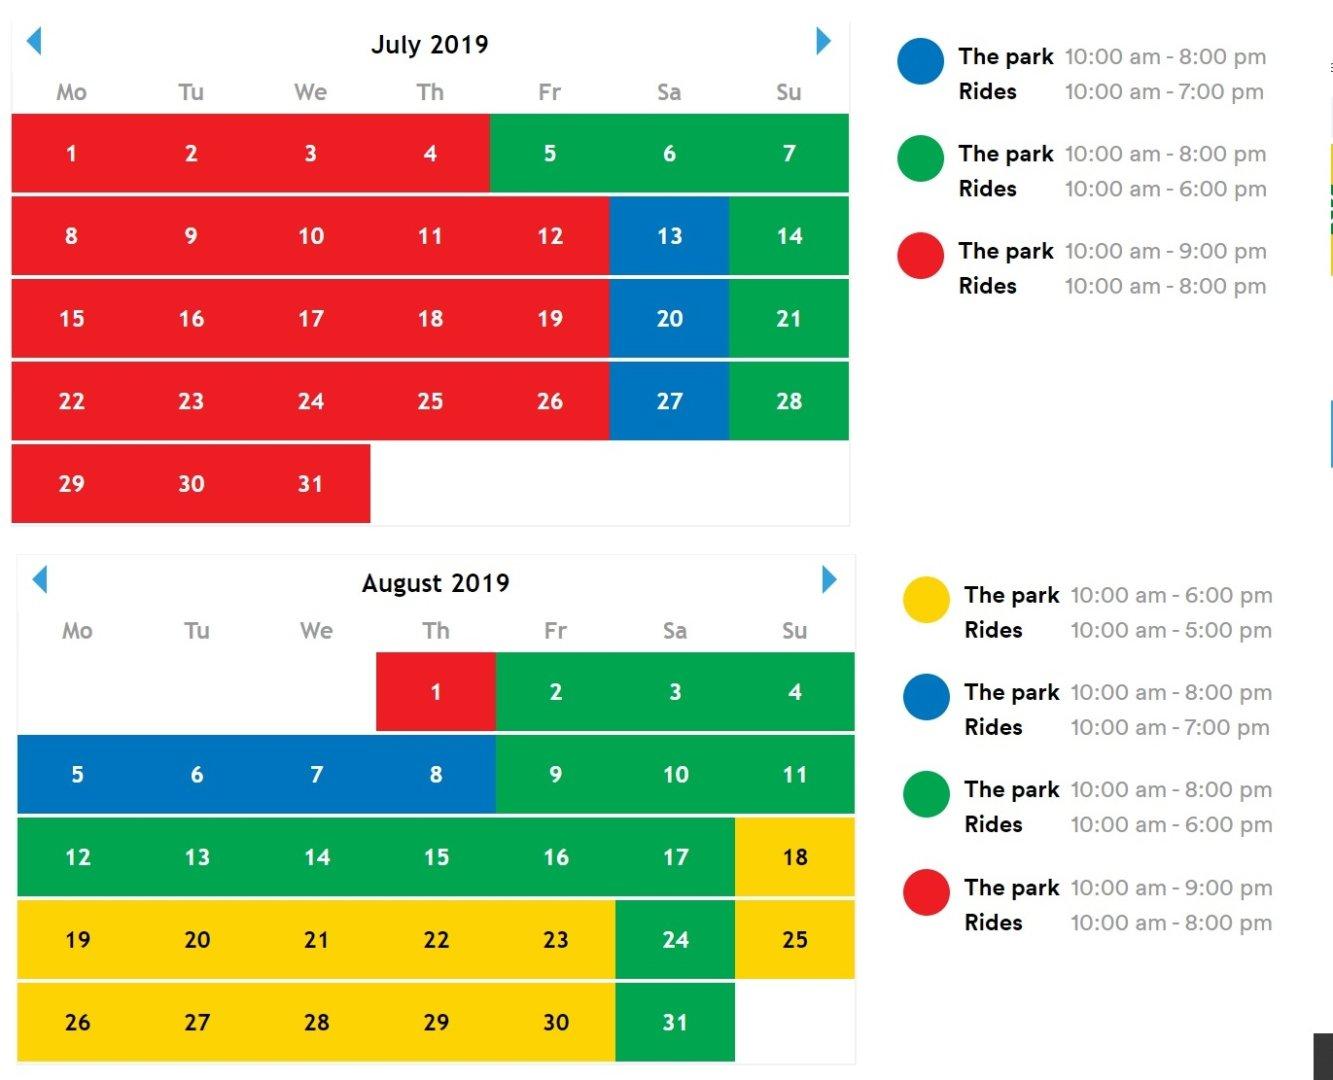 Legoland dania godziny otwarcia 2019 lipiec sierpień 1